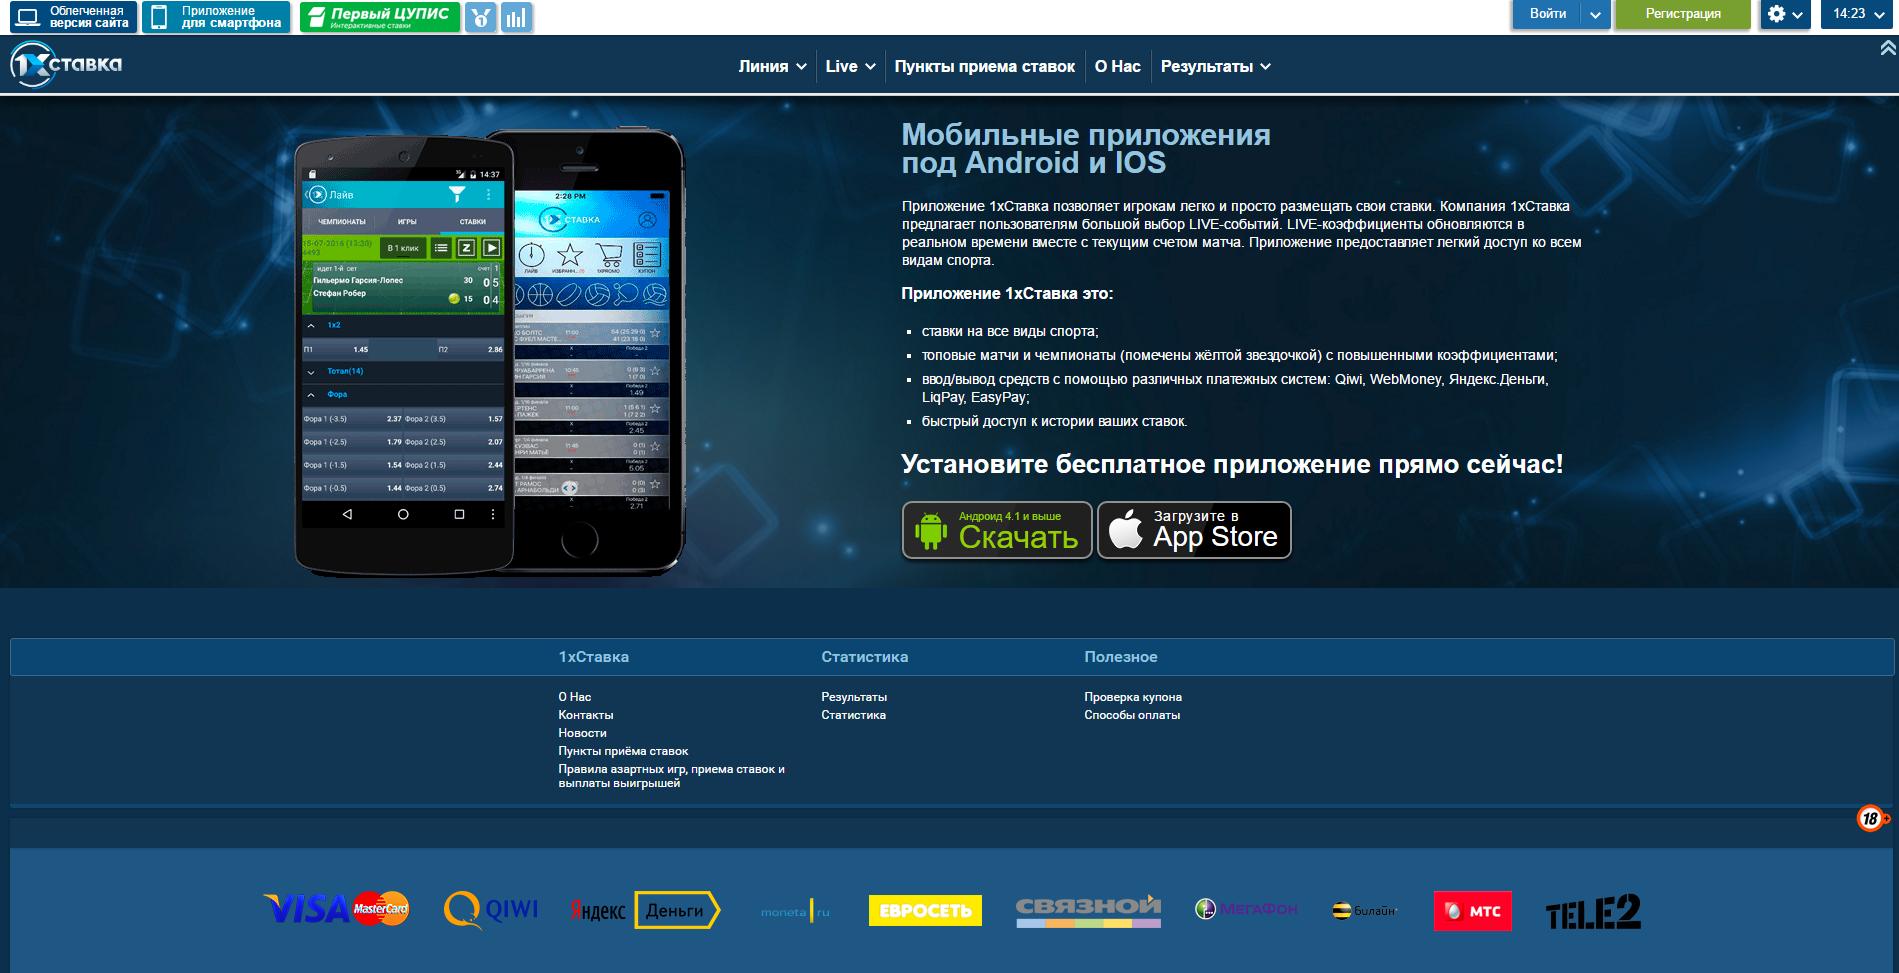 Мобильная версия и приложение букмекерской конторы 1хСтавка